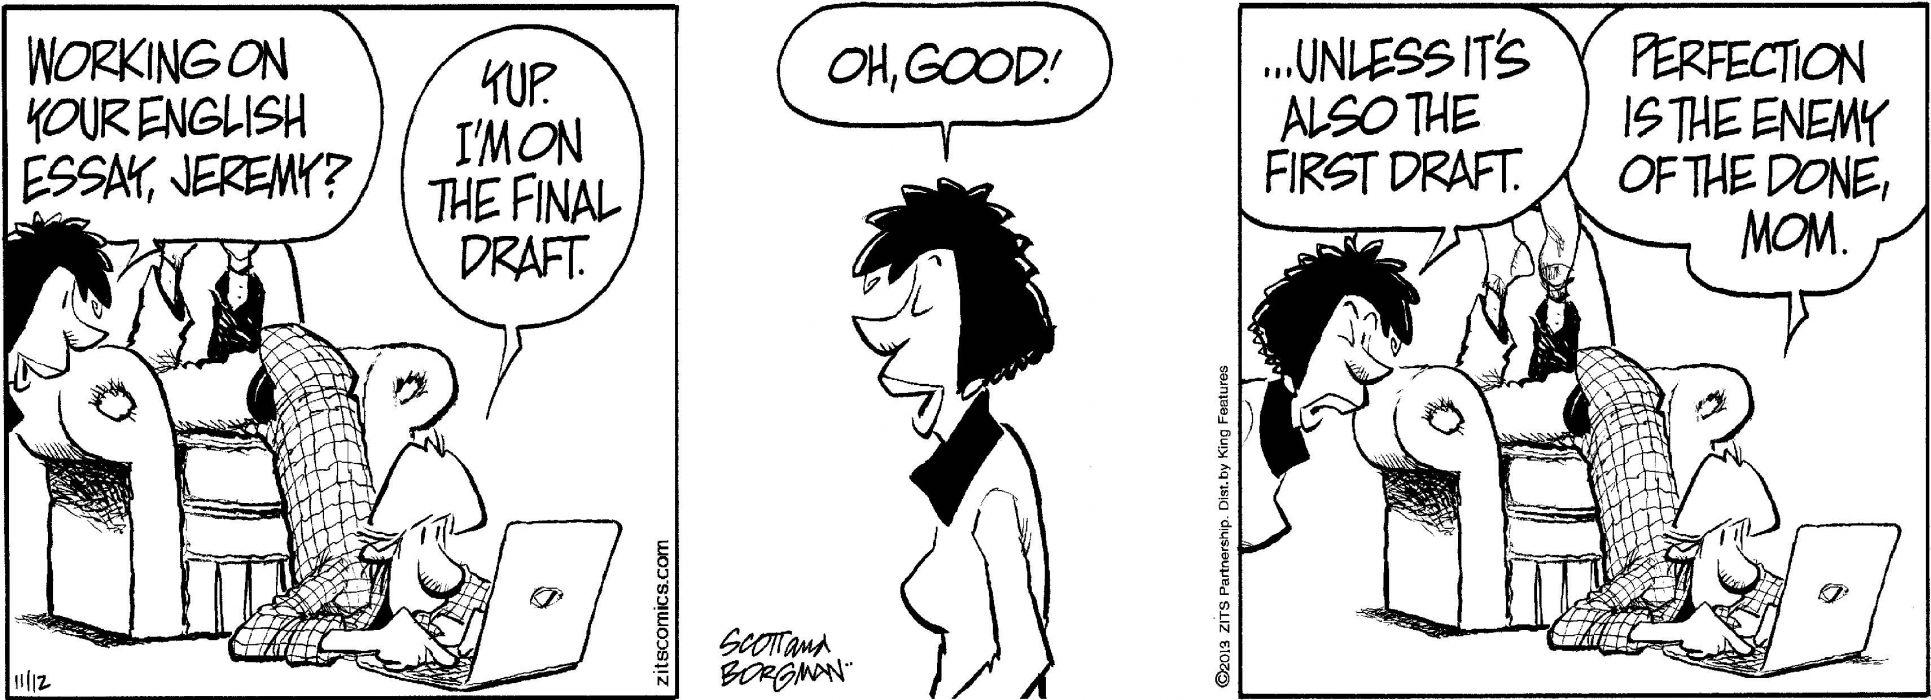 ZITS comicstrip humor funny (47) wallpaper